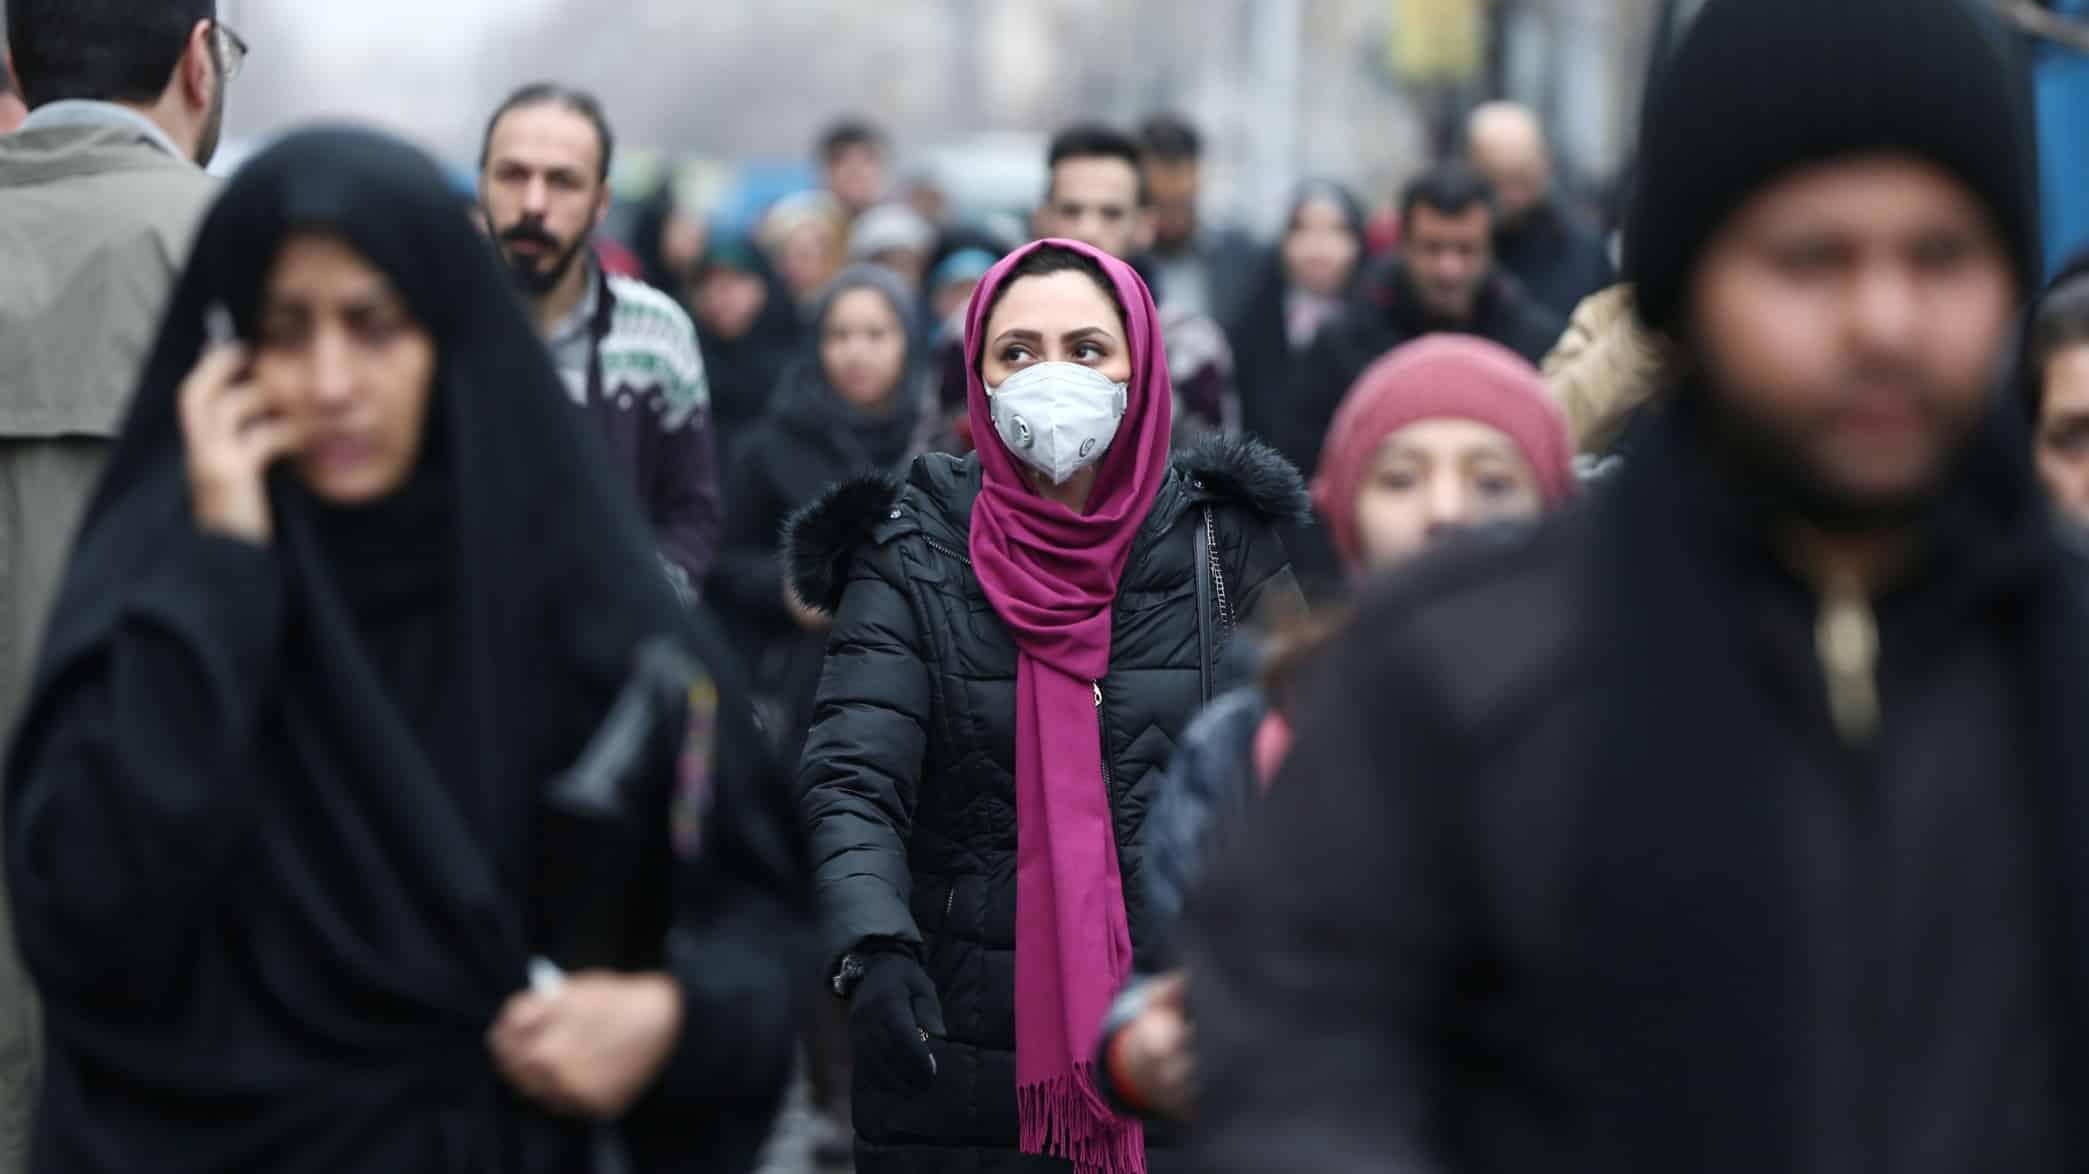 Iran hiện là nước chịu ảnh hưởng nặng nề nhất bởi dịch Covid-19 tại Trung Đông.